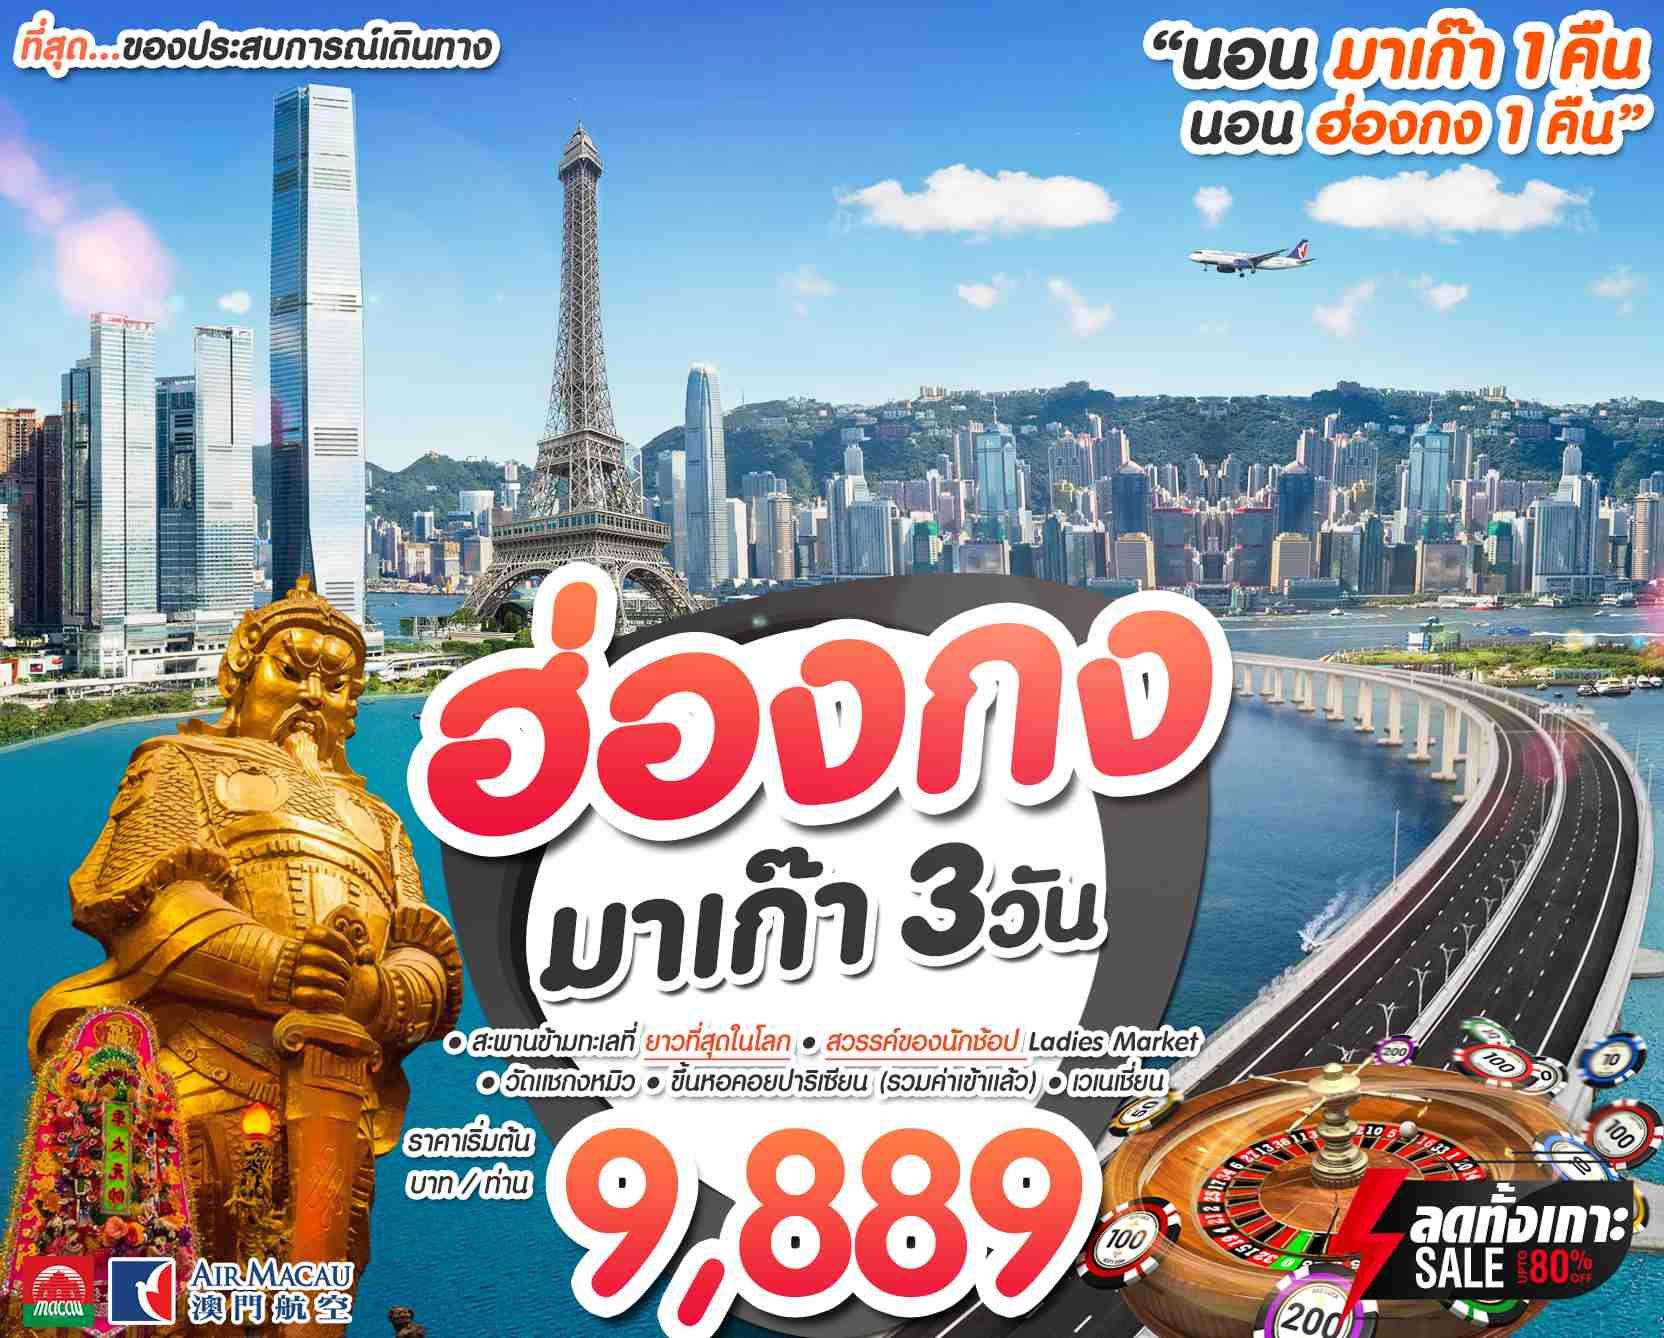 เที่ยวสุดคุ้ม 2 เมืองดัง มาเก๊า-ฮ่องกง 3 วัน 2 คืน โดยสายการบิน Air Macau (NX)